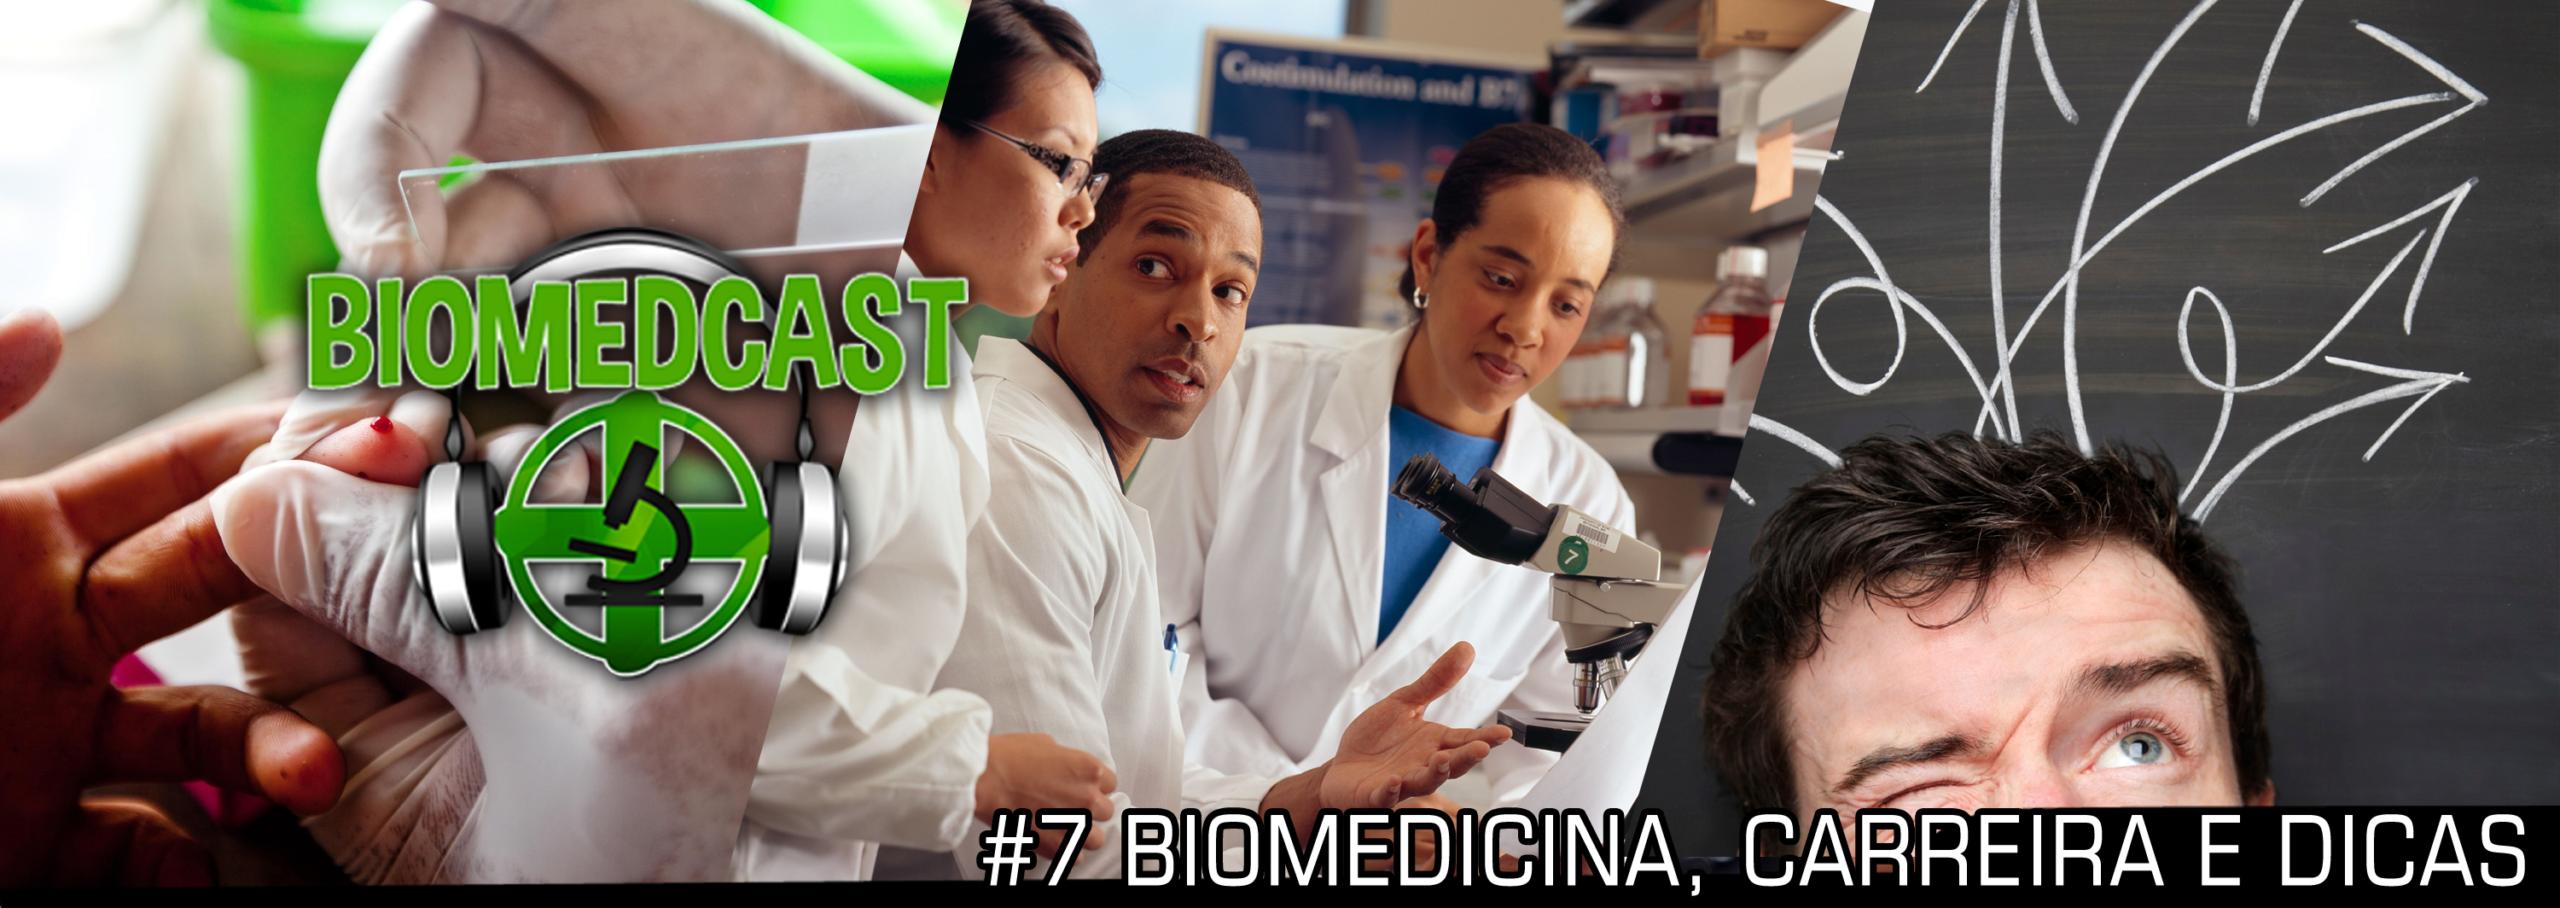 #7 Biomedicina, Carreira e Dicas